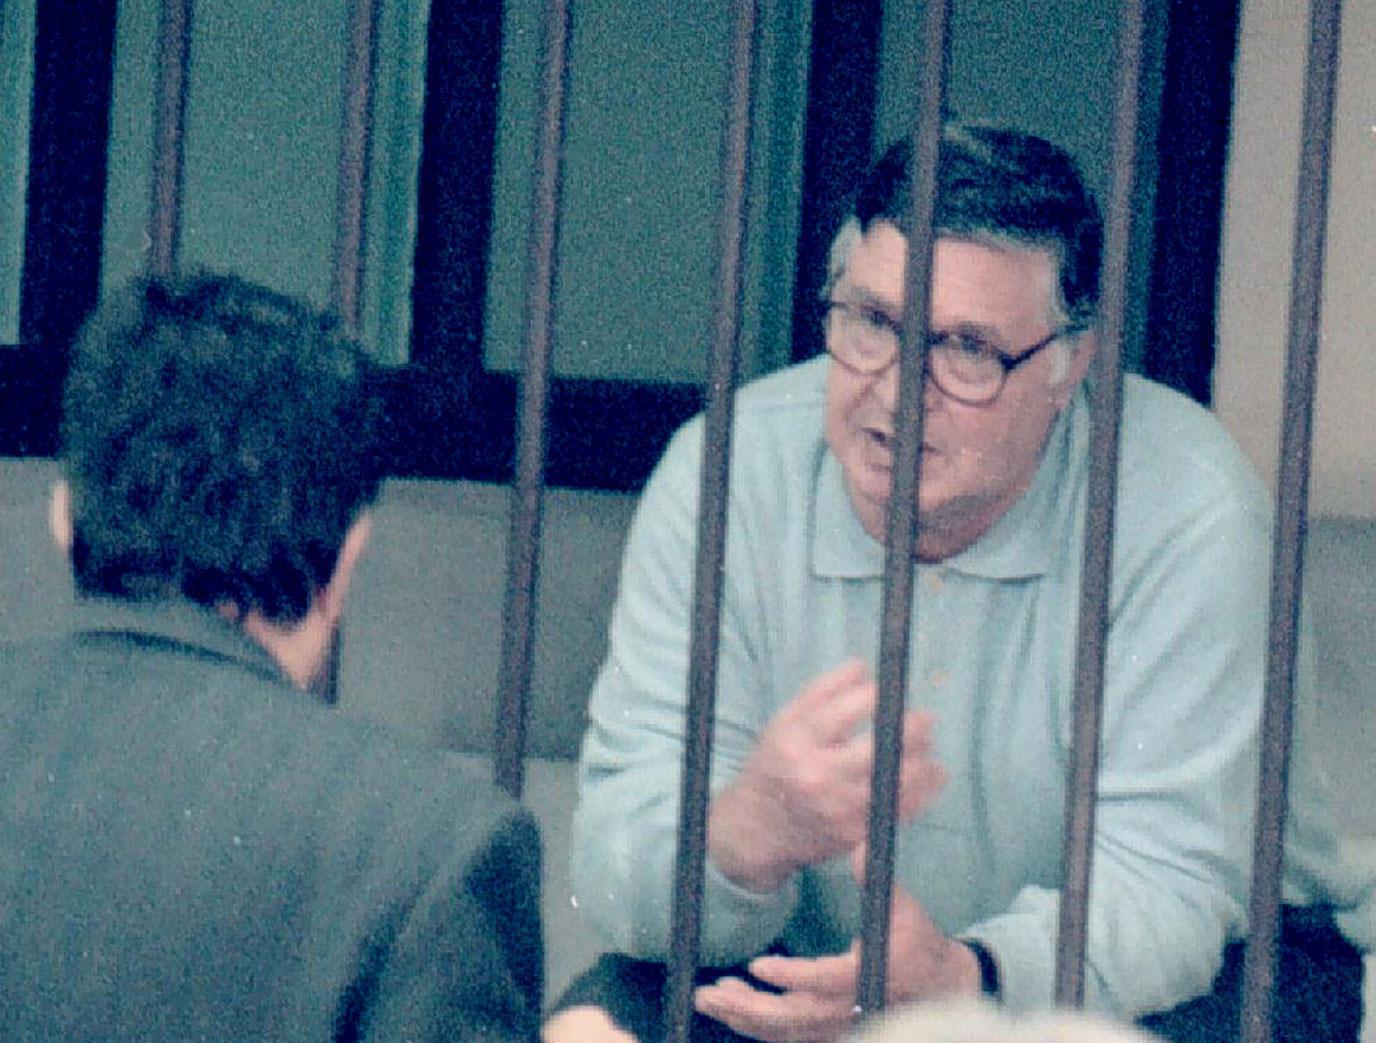 Totò Riina morto: quelli che il capo di Cosa Nostra è stato «un grande uomo»